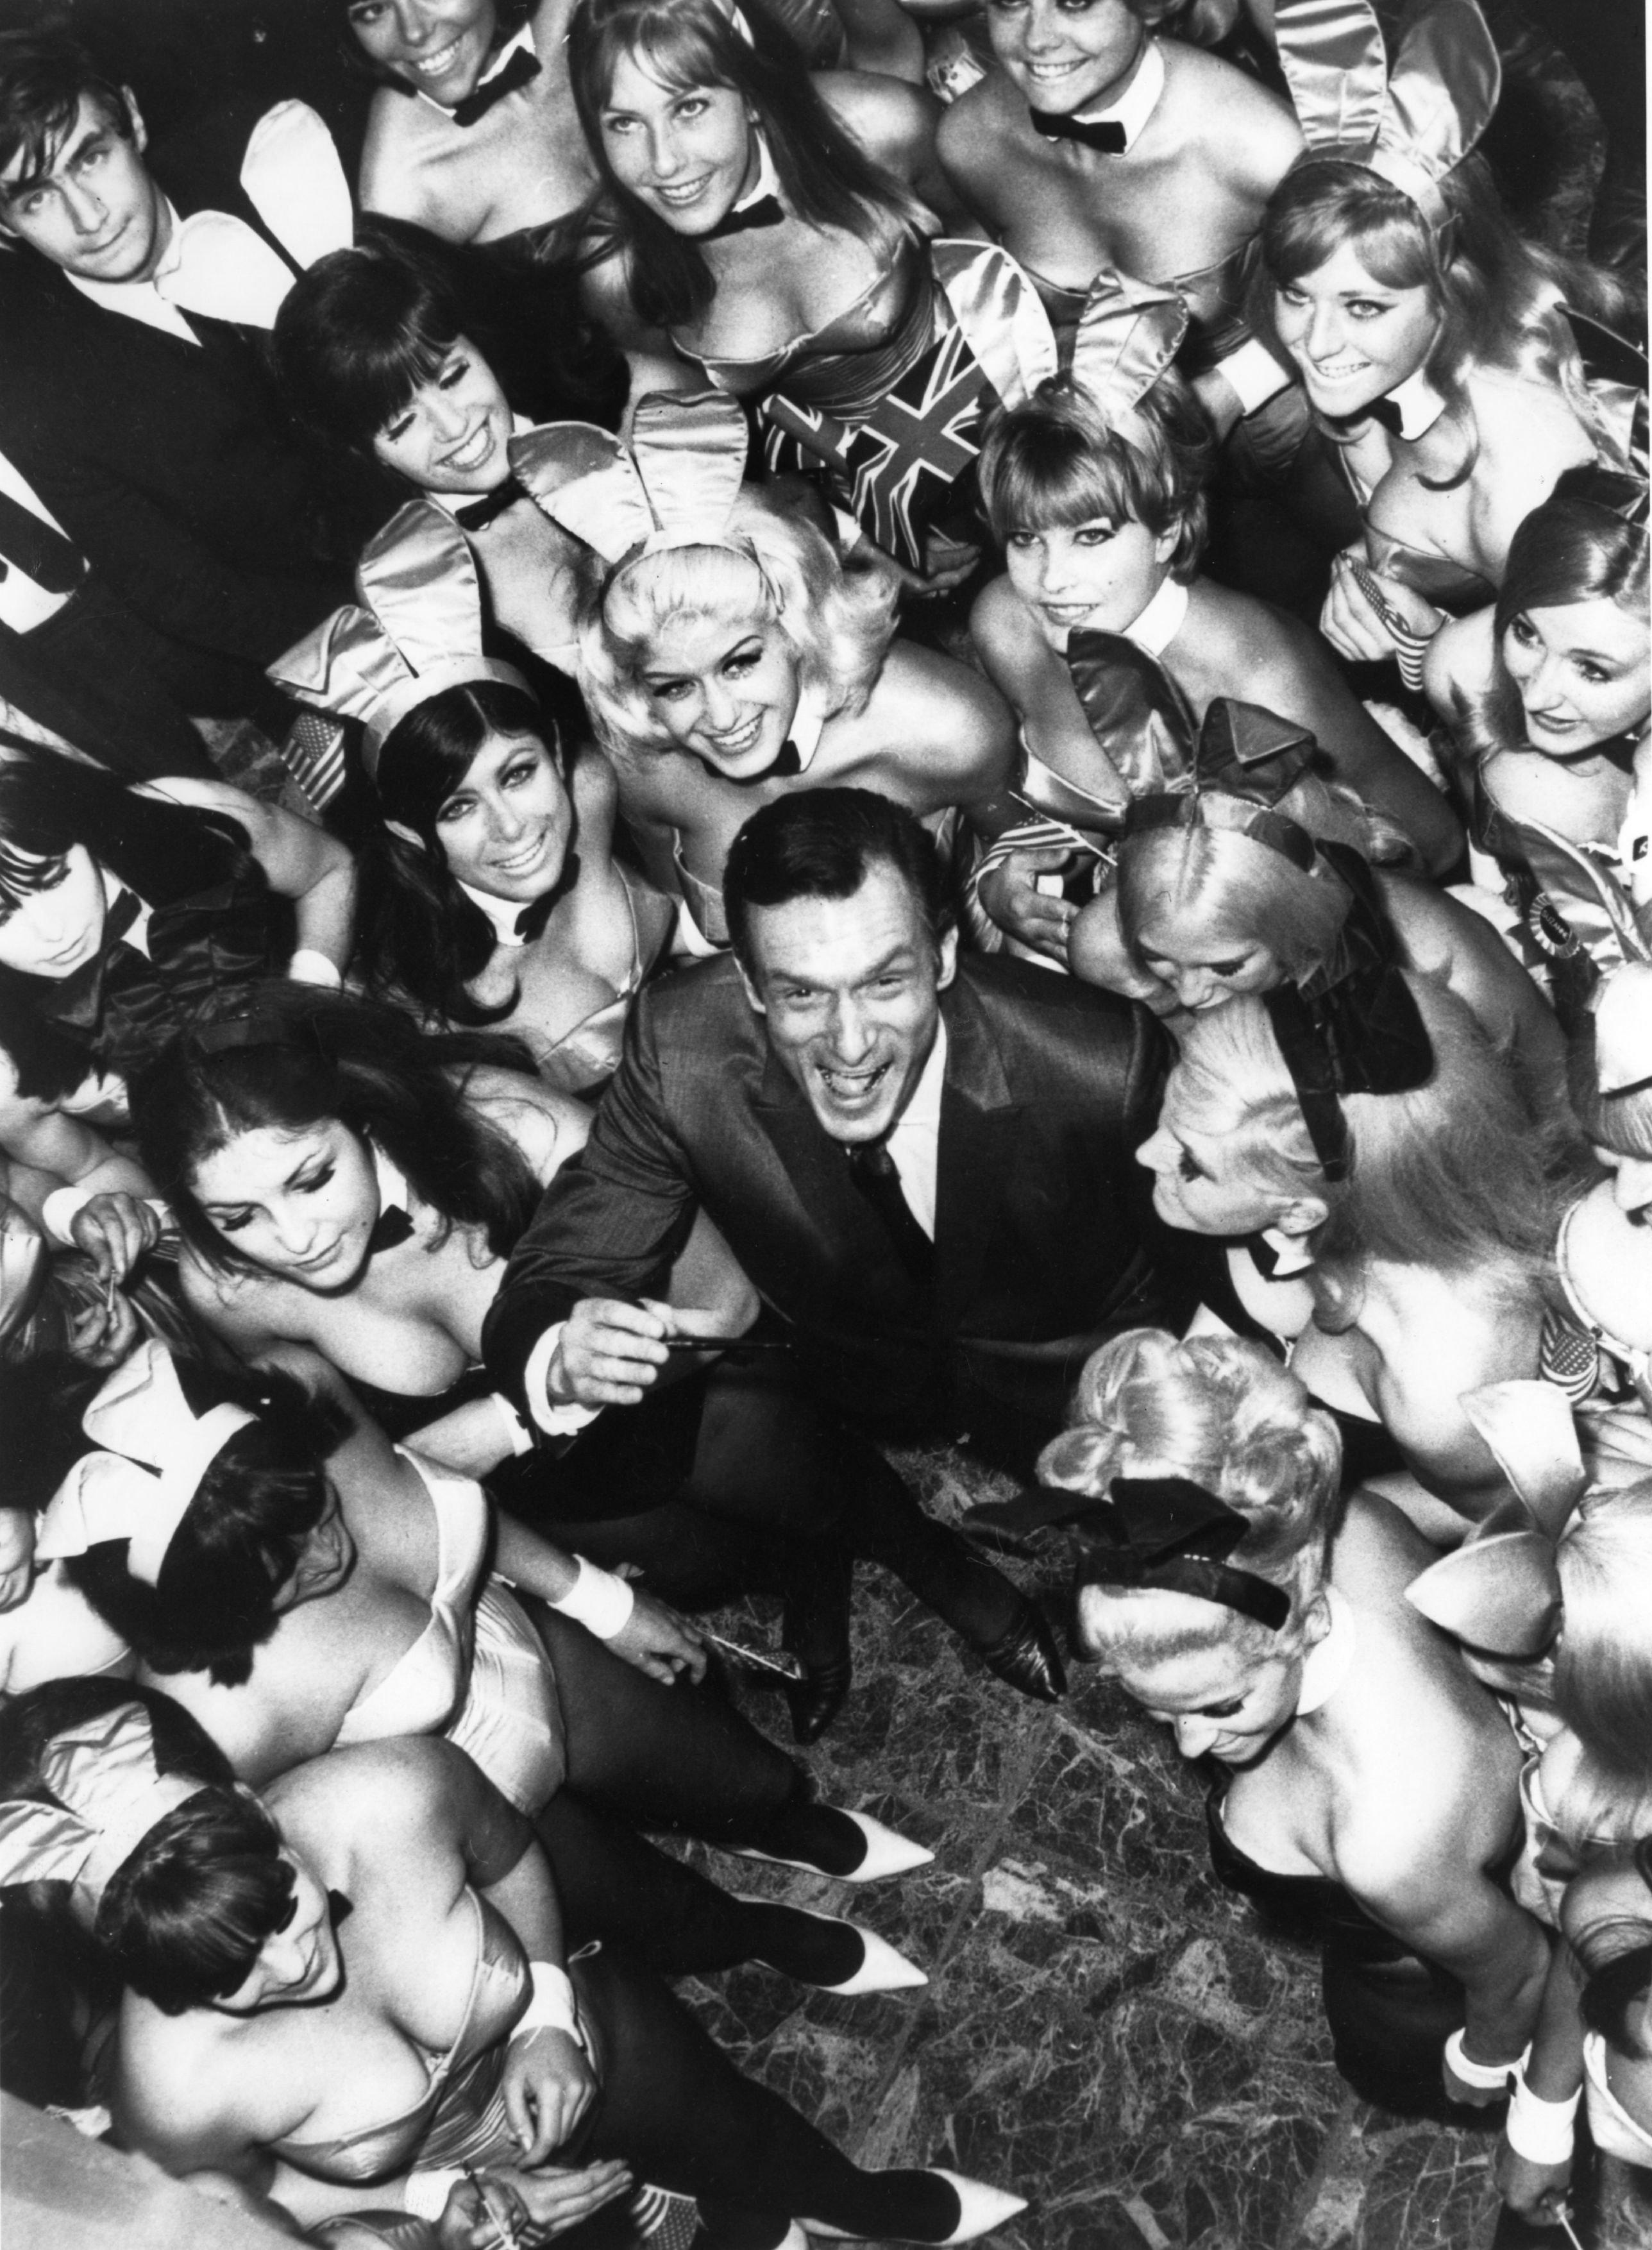 Hugh Hefner cercado por 50 de suas Coelhinhas da Playboy. Londres, 27 de junho de